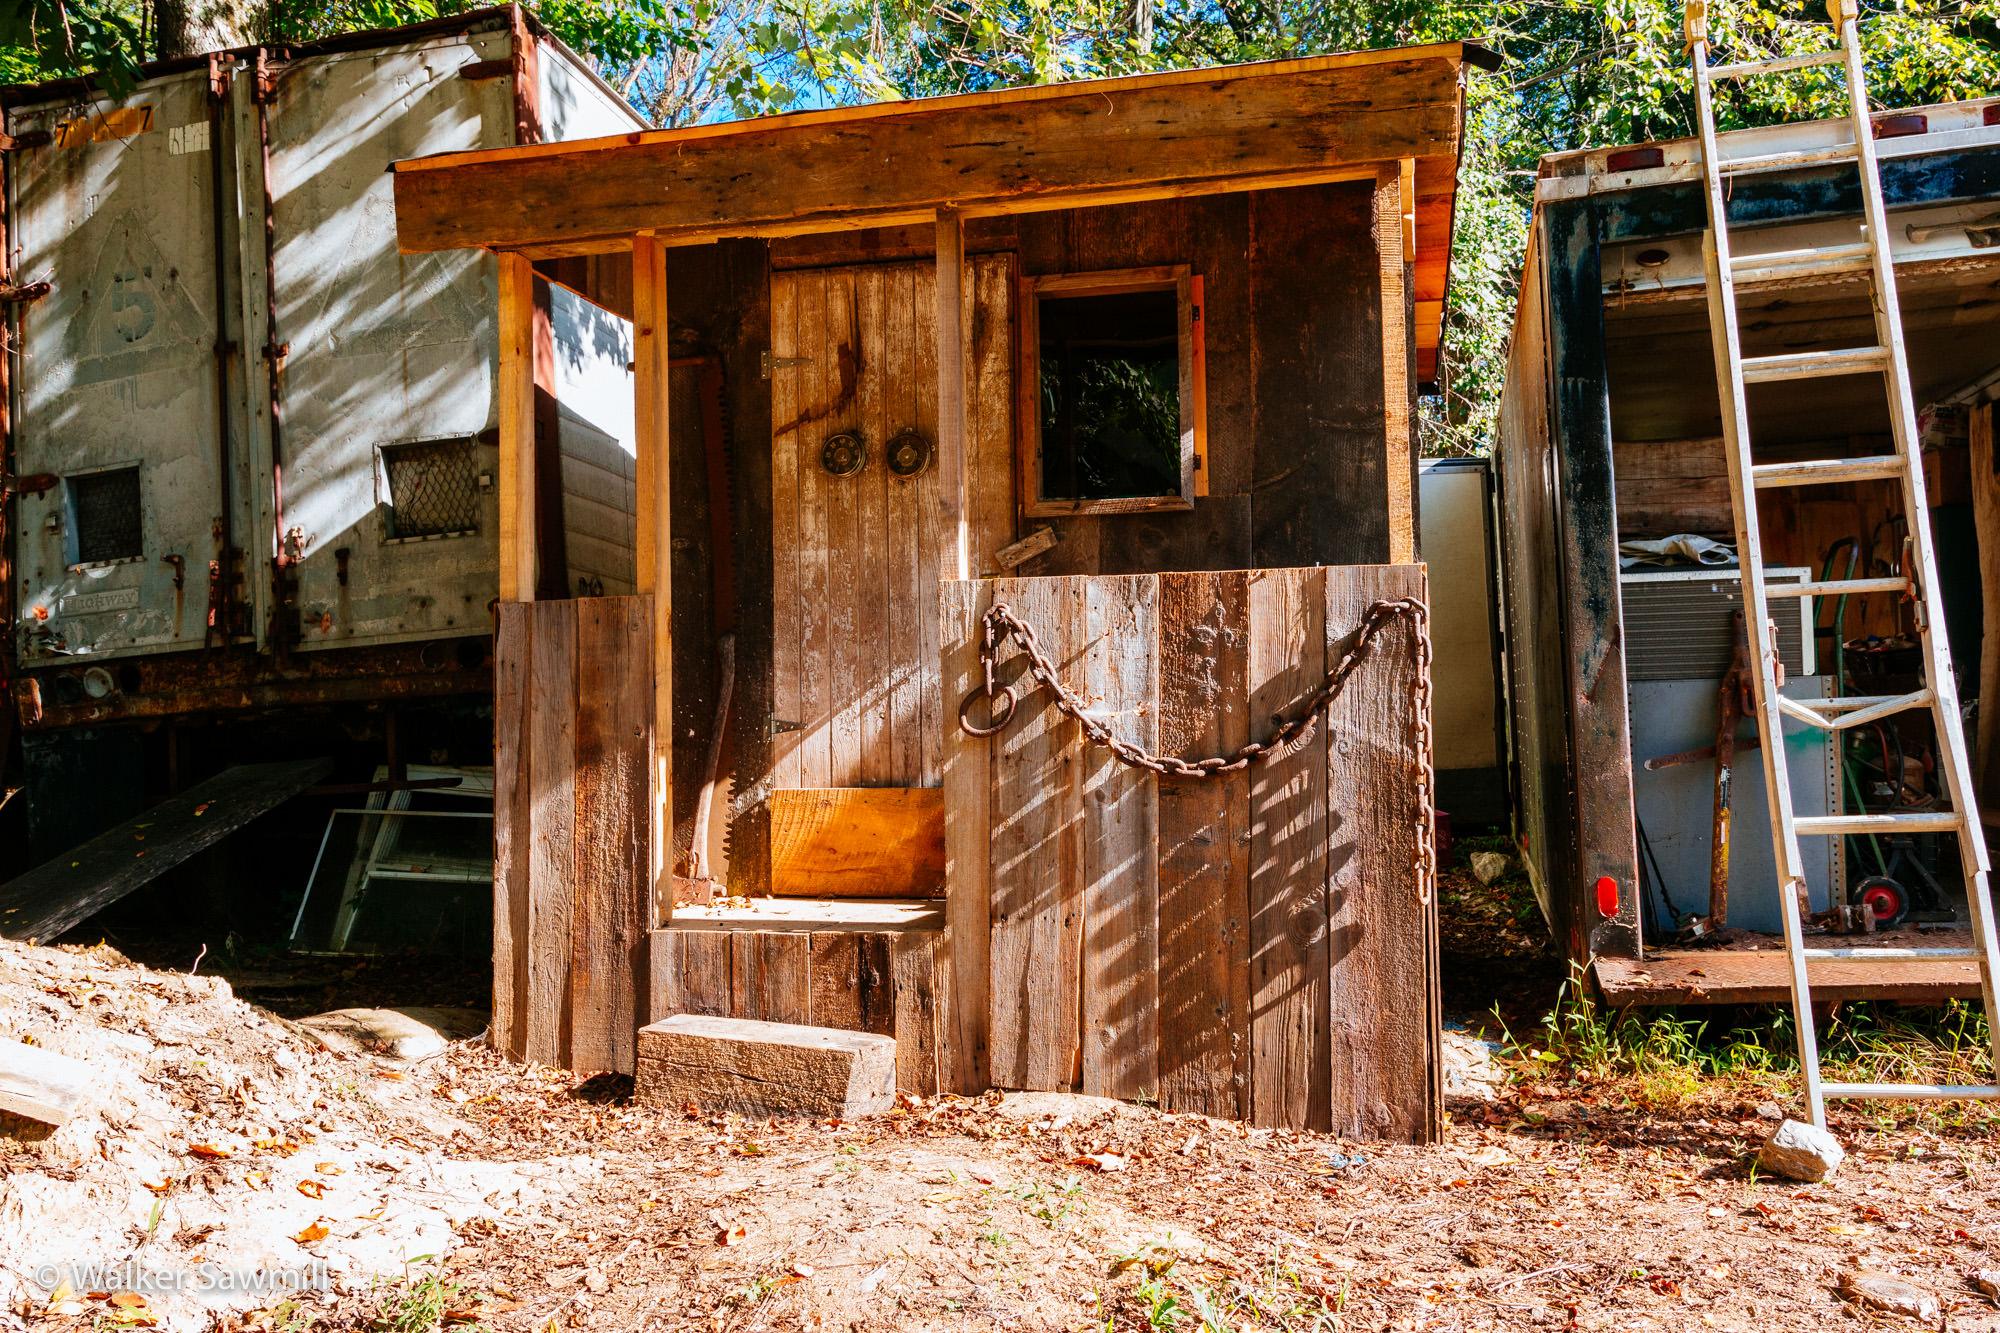 Wood John Walker Sawmill-226.jpg